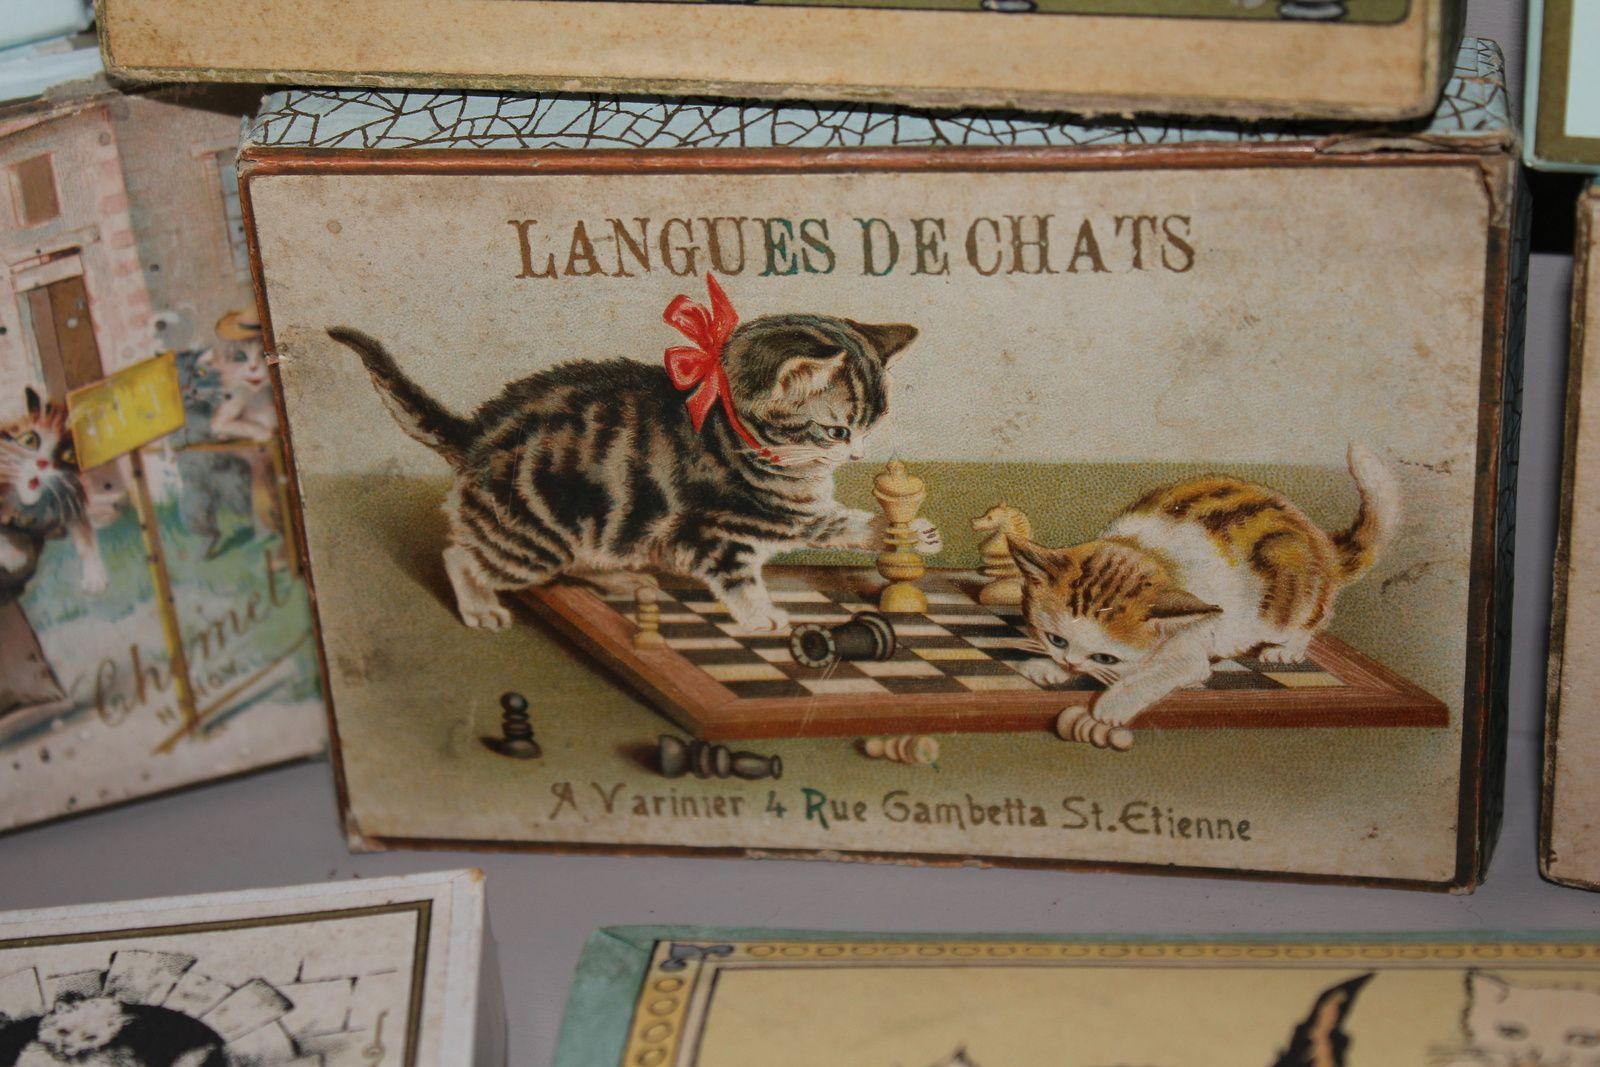 Collectionner les boîtes de langues de chat anciennes